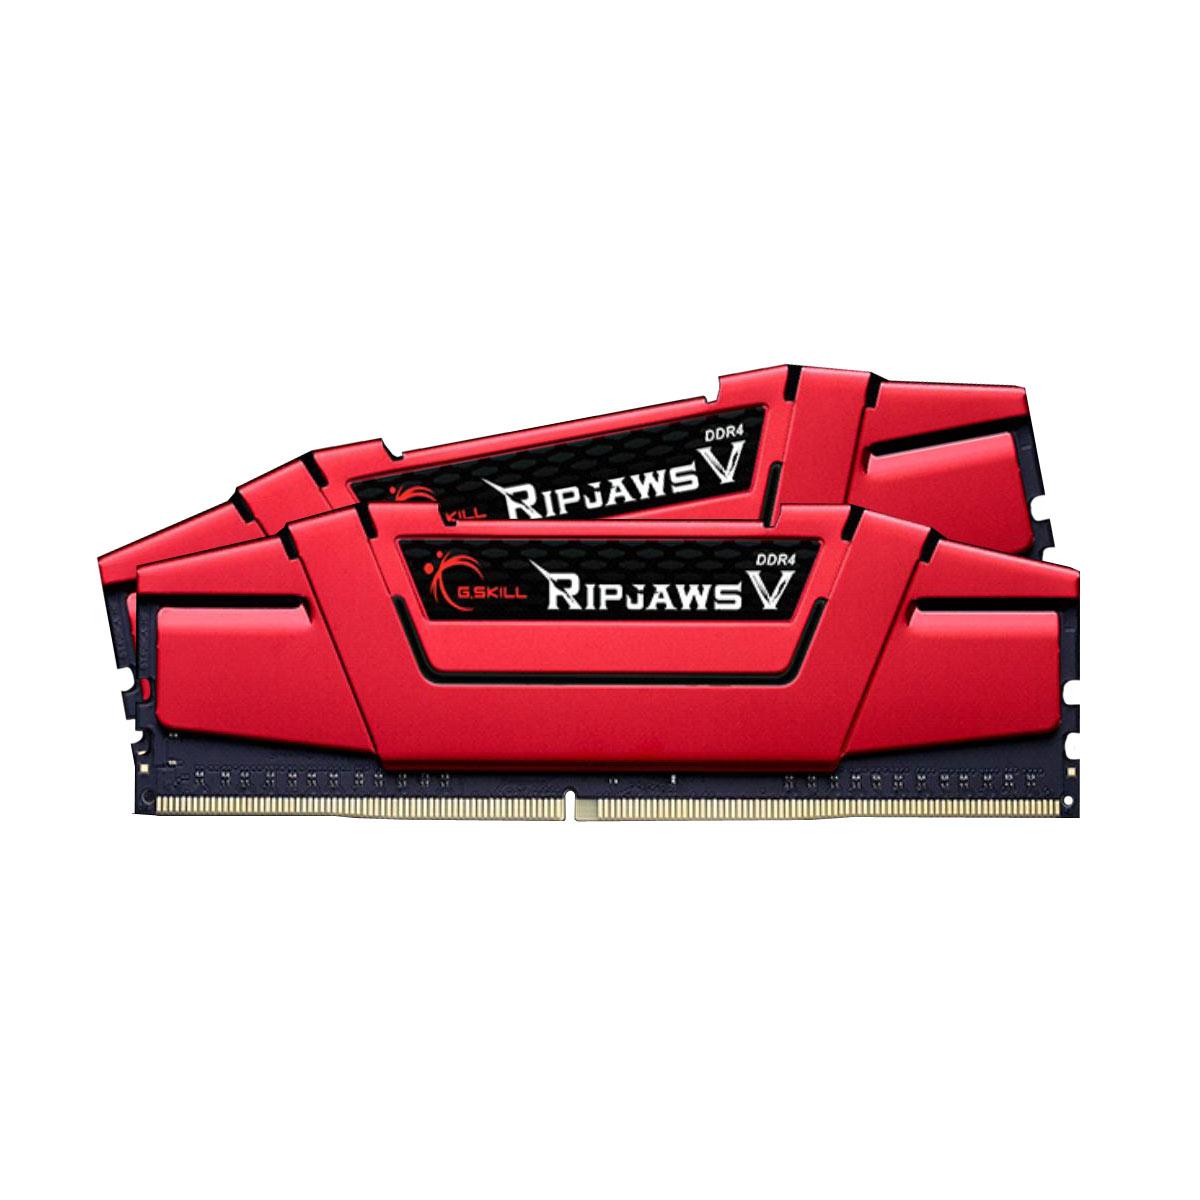 Mémoire PC G.Skill RipJaws 5 Series Rouge 8 Go (2x 4 Go) DDR4 2400 MHz CL17 Kit Dual Channel 2 barrettes de RAM DDR4 PC4-19200 - F4-2400C17D-8GVR (garantie 10 ans par G.Skill)